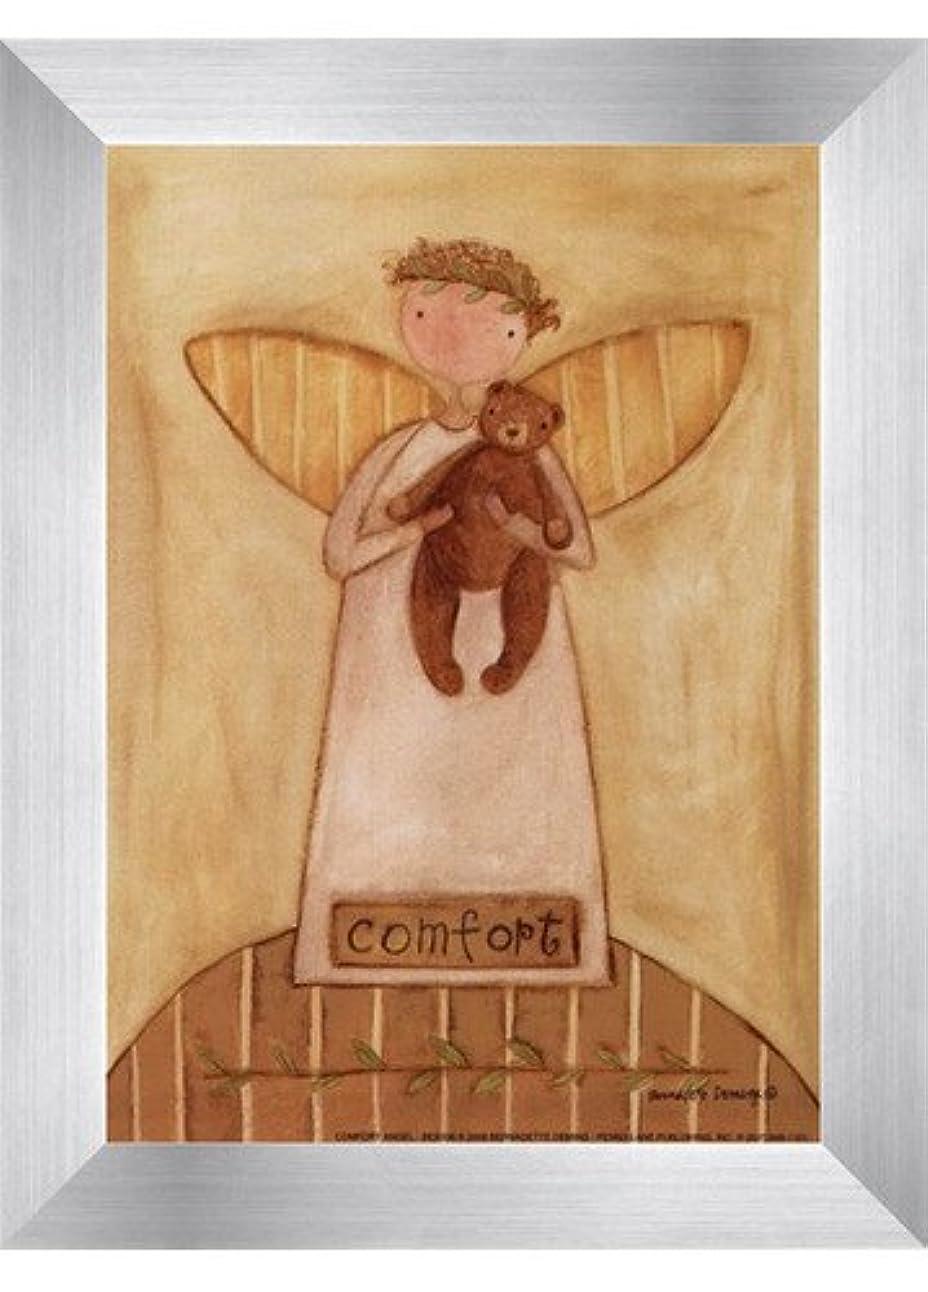 フィードオンきちんとした顔料快適Angel by Bernadette Deming?–?5?x 7インチ?–?アートプリントポスター LE_613850-F9935-5x7